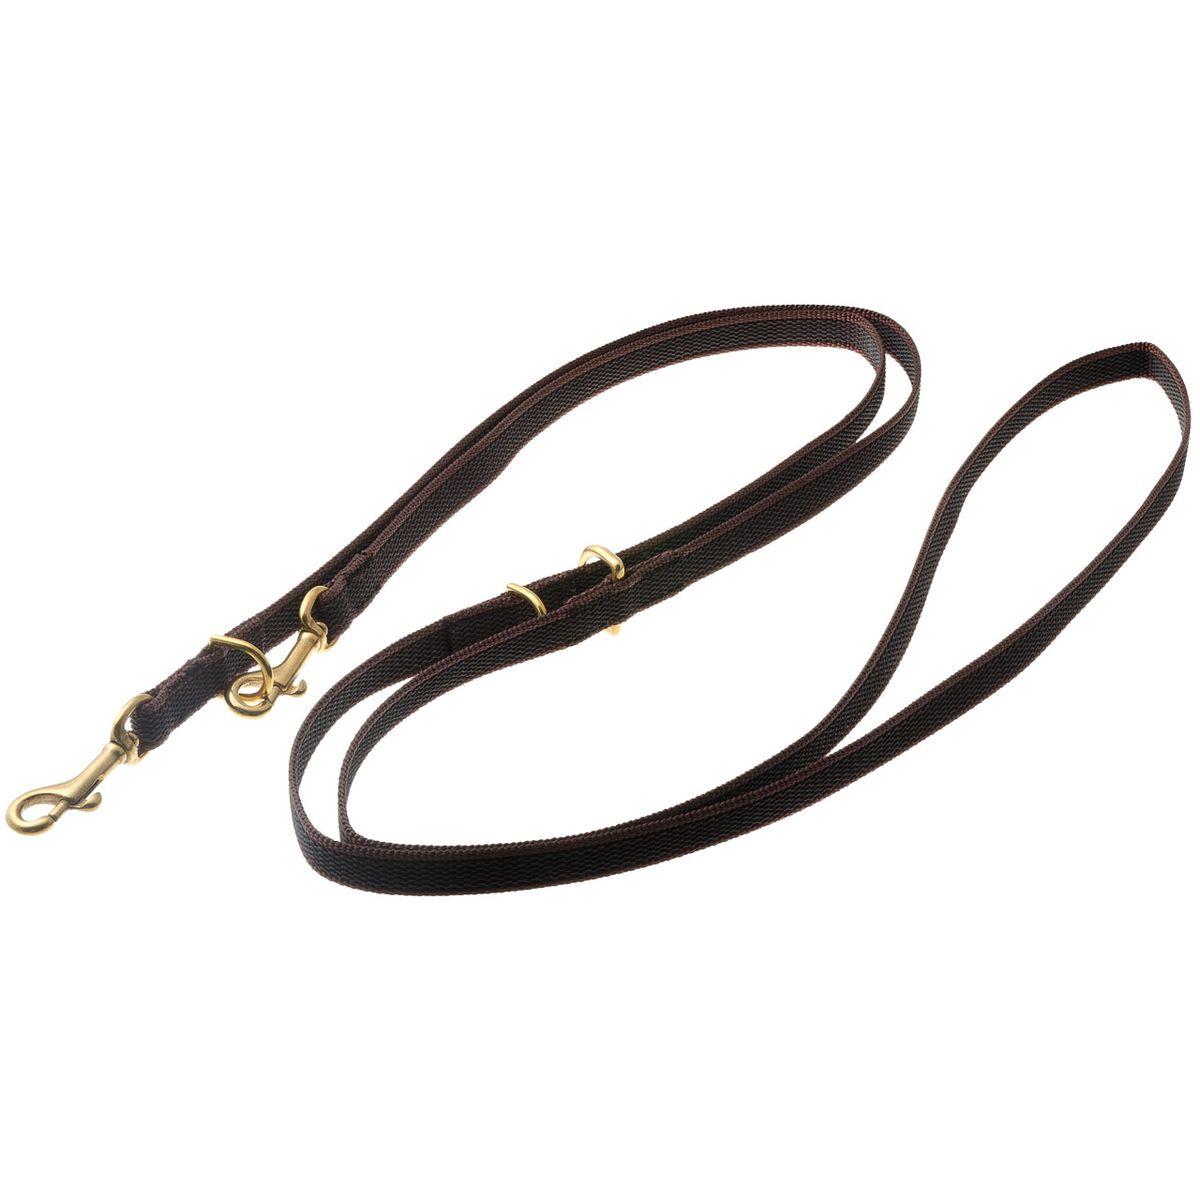 Поводок для собак V.I.Pet, цвет: золотистый, коричневый, ширина 15 мм, длина 2,6 м0120710Поводок V.I.Pet предназначен для дрессировки собак, а также для повседневного использования, прогулок и вождения двух собак одновременно. Подойдет для самых сильных и активных собак. Не скользит в руке.